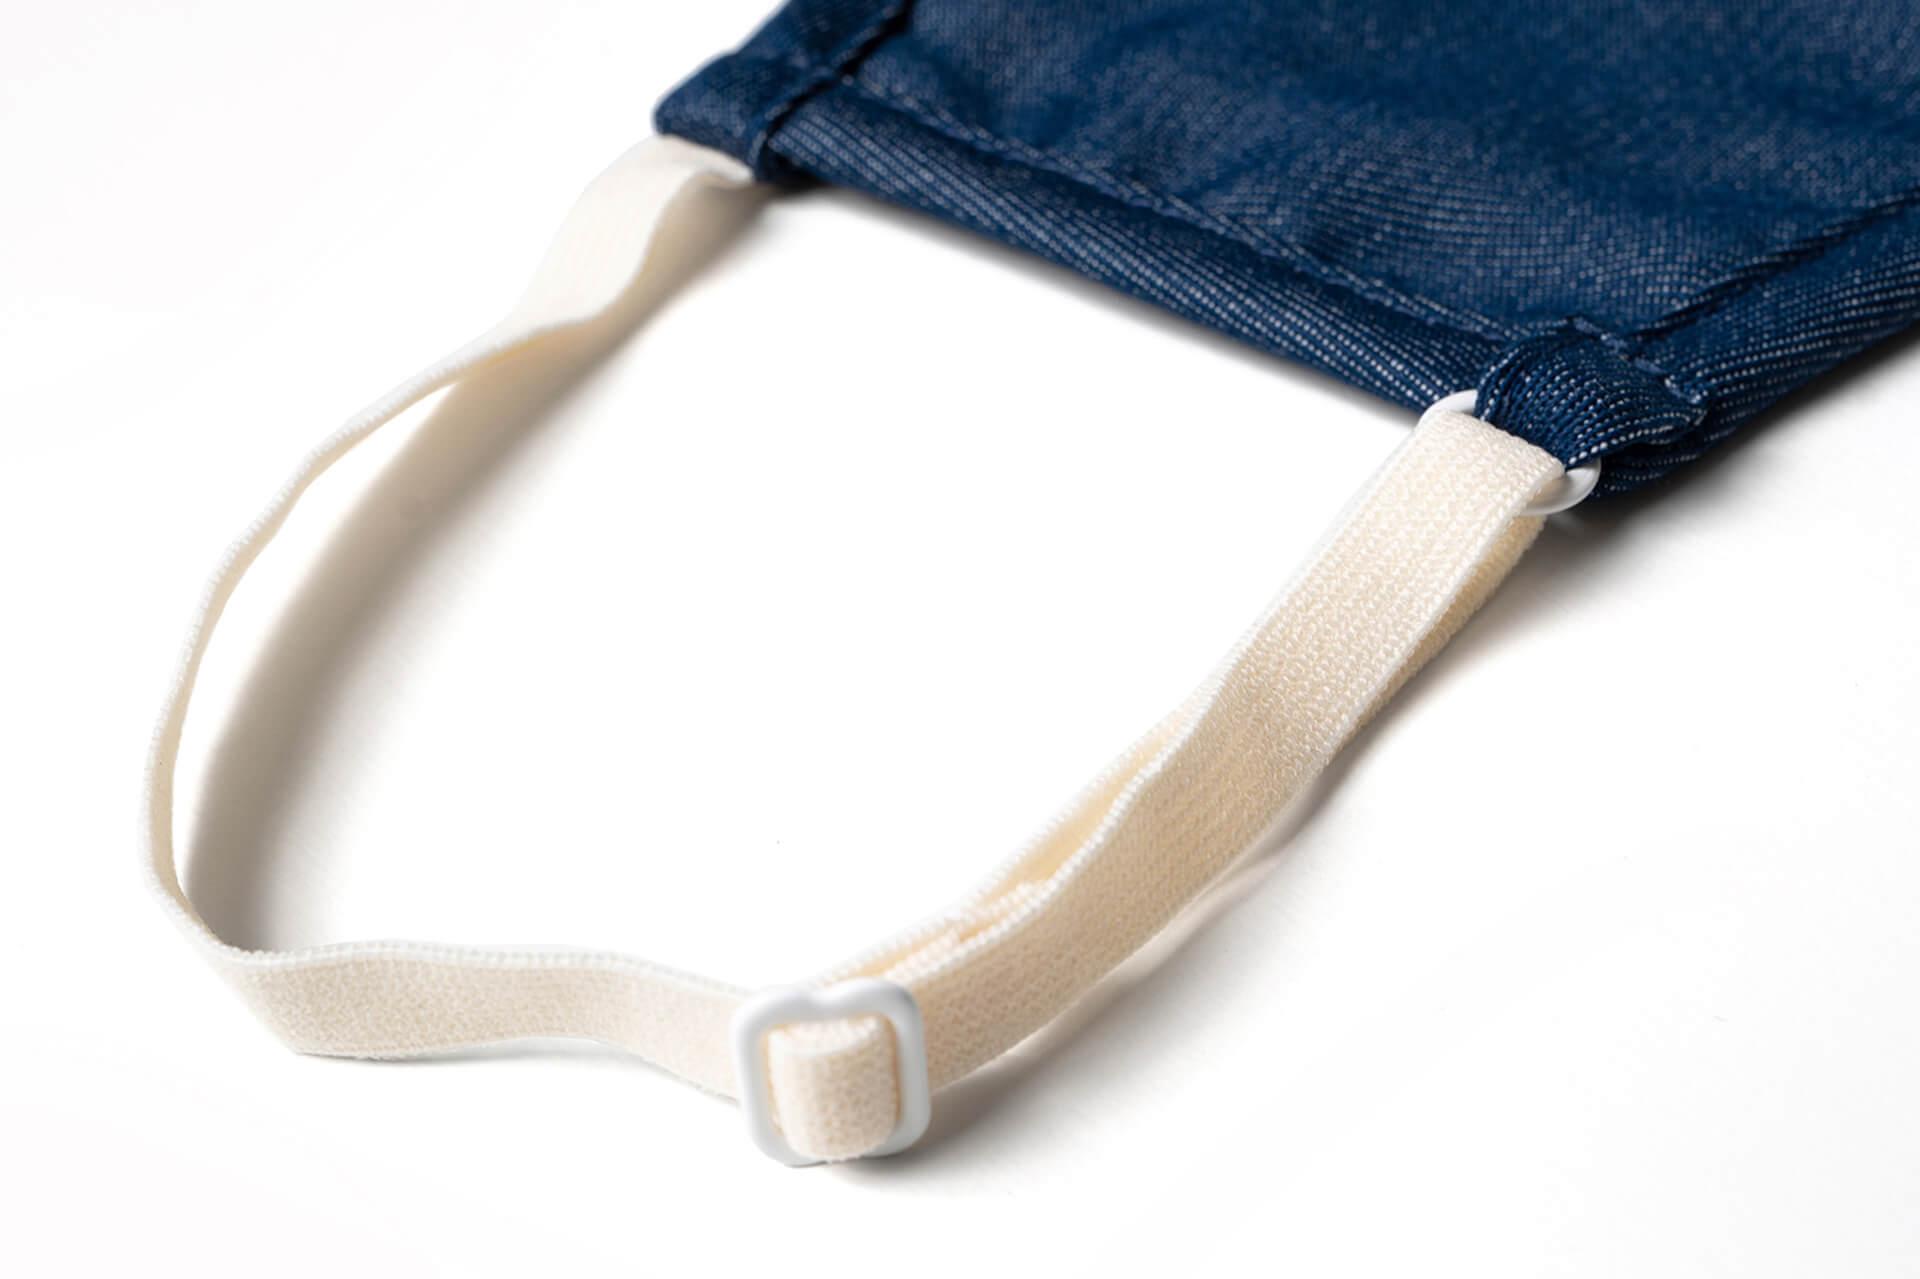 デニムブランド・ビッグジョンから抗ウイルス性のフィルターポケット付きマスク『Washable Mask』が登場! fashion2020106_bigjhon_4